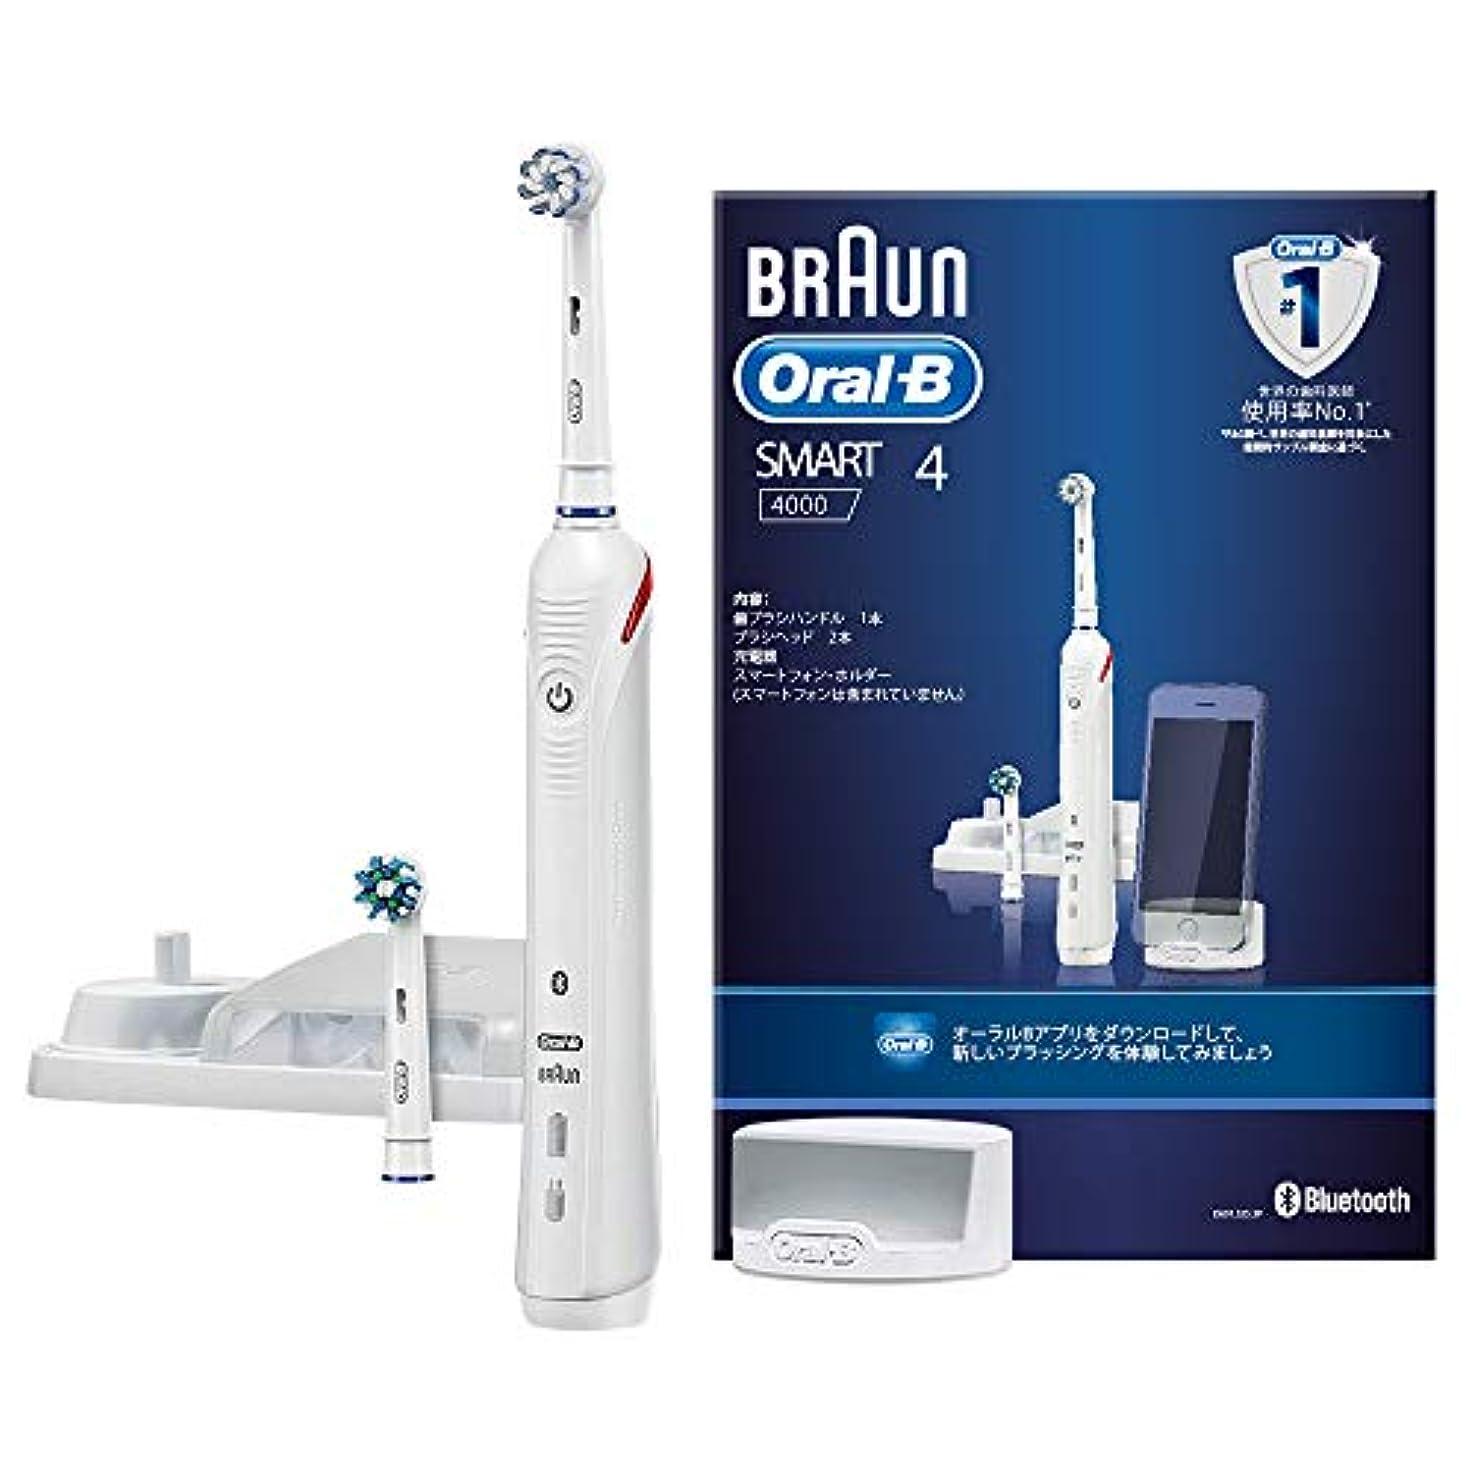 平和な洪水アルミニウムブラウン オーラルB 電動歯ブラシ スマート4000 D6015253P